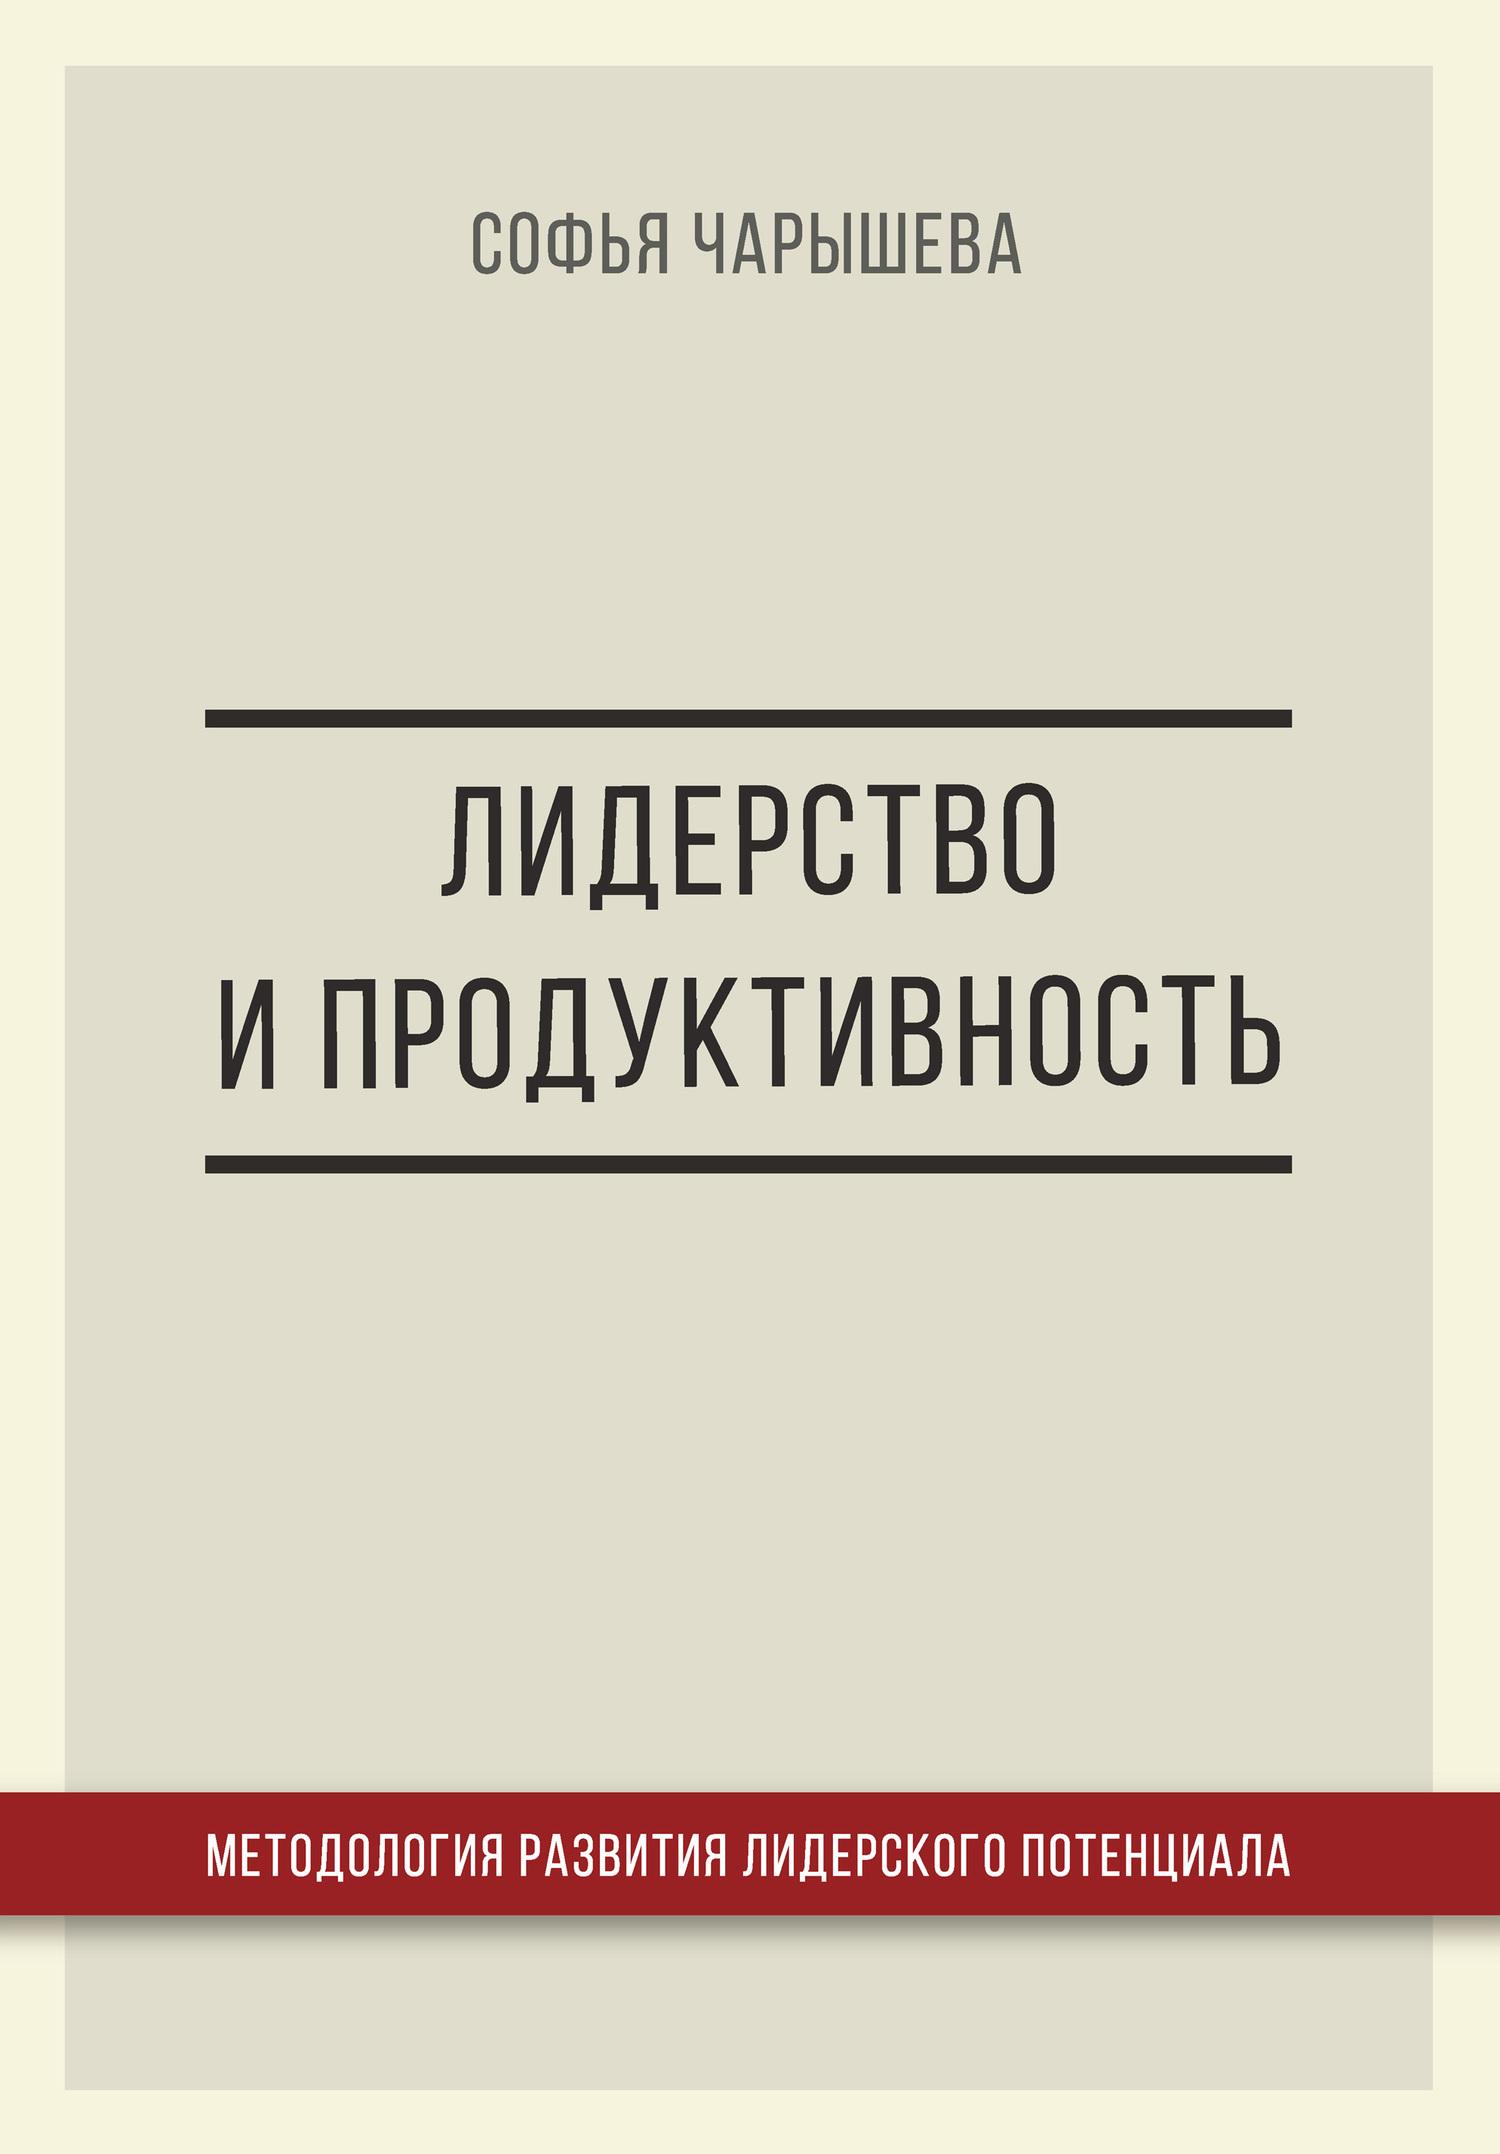 Софья Чарышева. Лидерство и продуктивность: методология развития лидерского потенциала